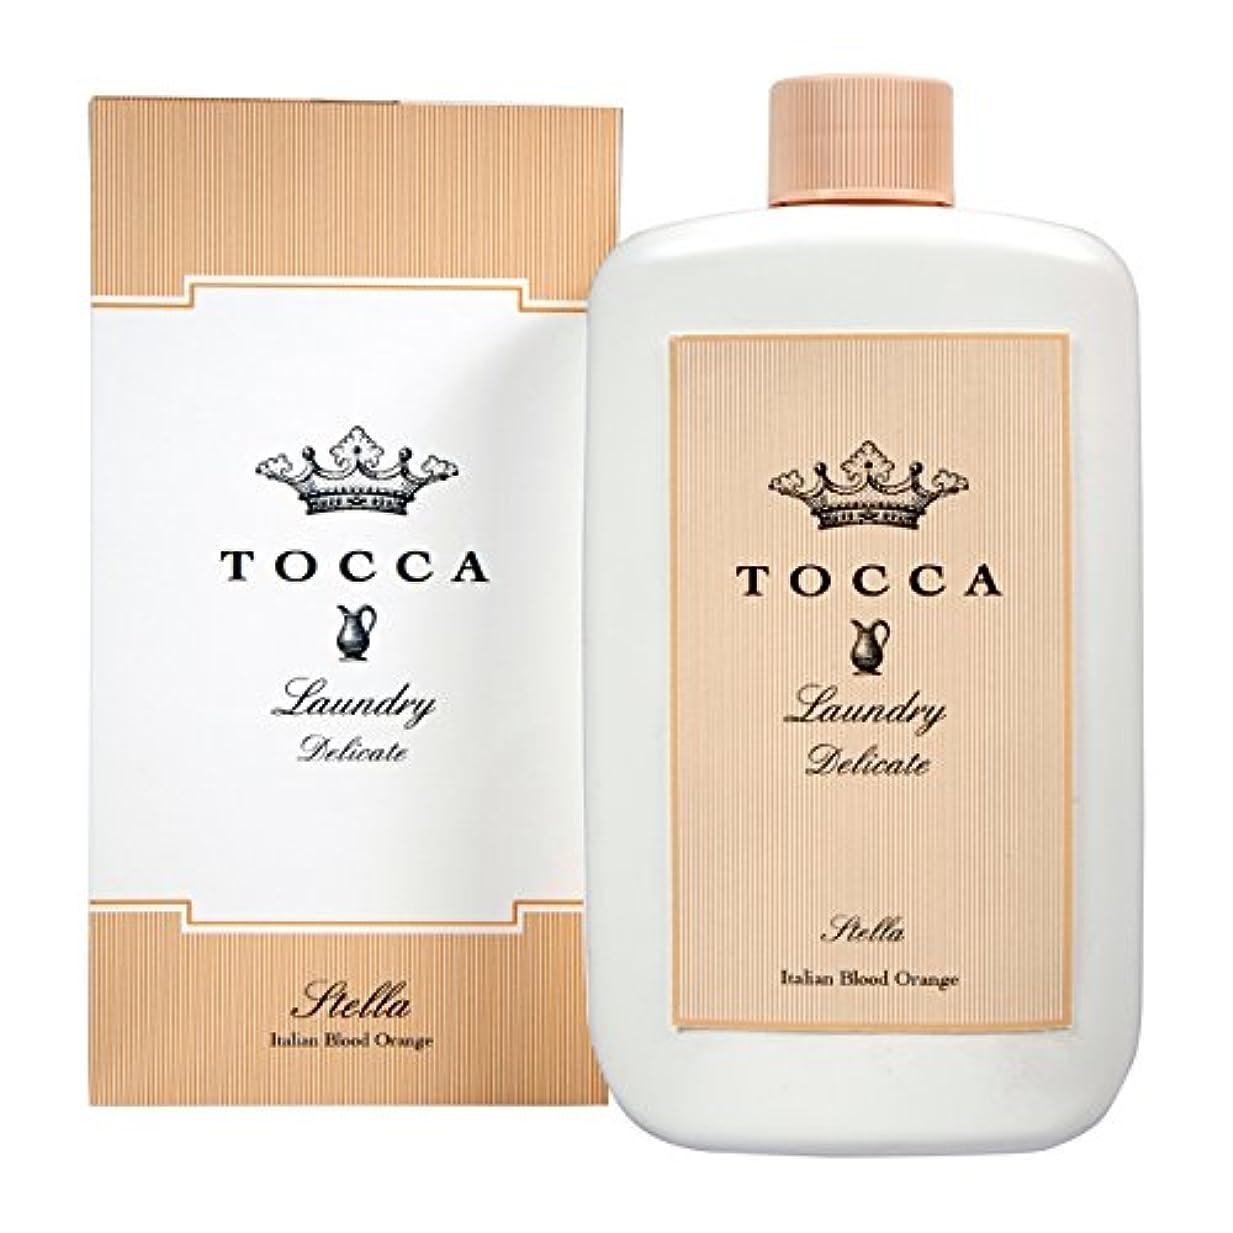 そこギャラントリー集中的なトッカ(TOCCA) ランドリーデリケート ステラの香り 235ml (デリケート素材用洗剤 洗濯用合成洗剤 イタリアンブラッドオレンジが奏でるフレッシュでビターな爽やかさ漂う香り)